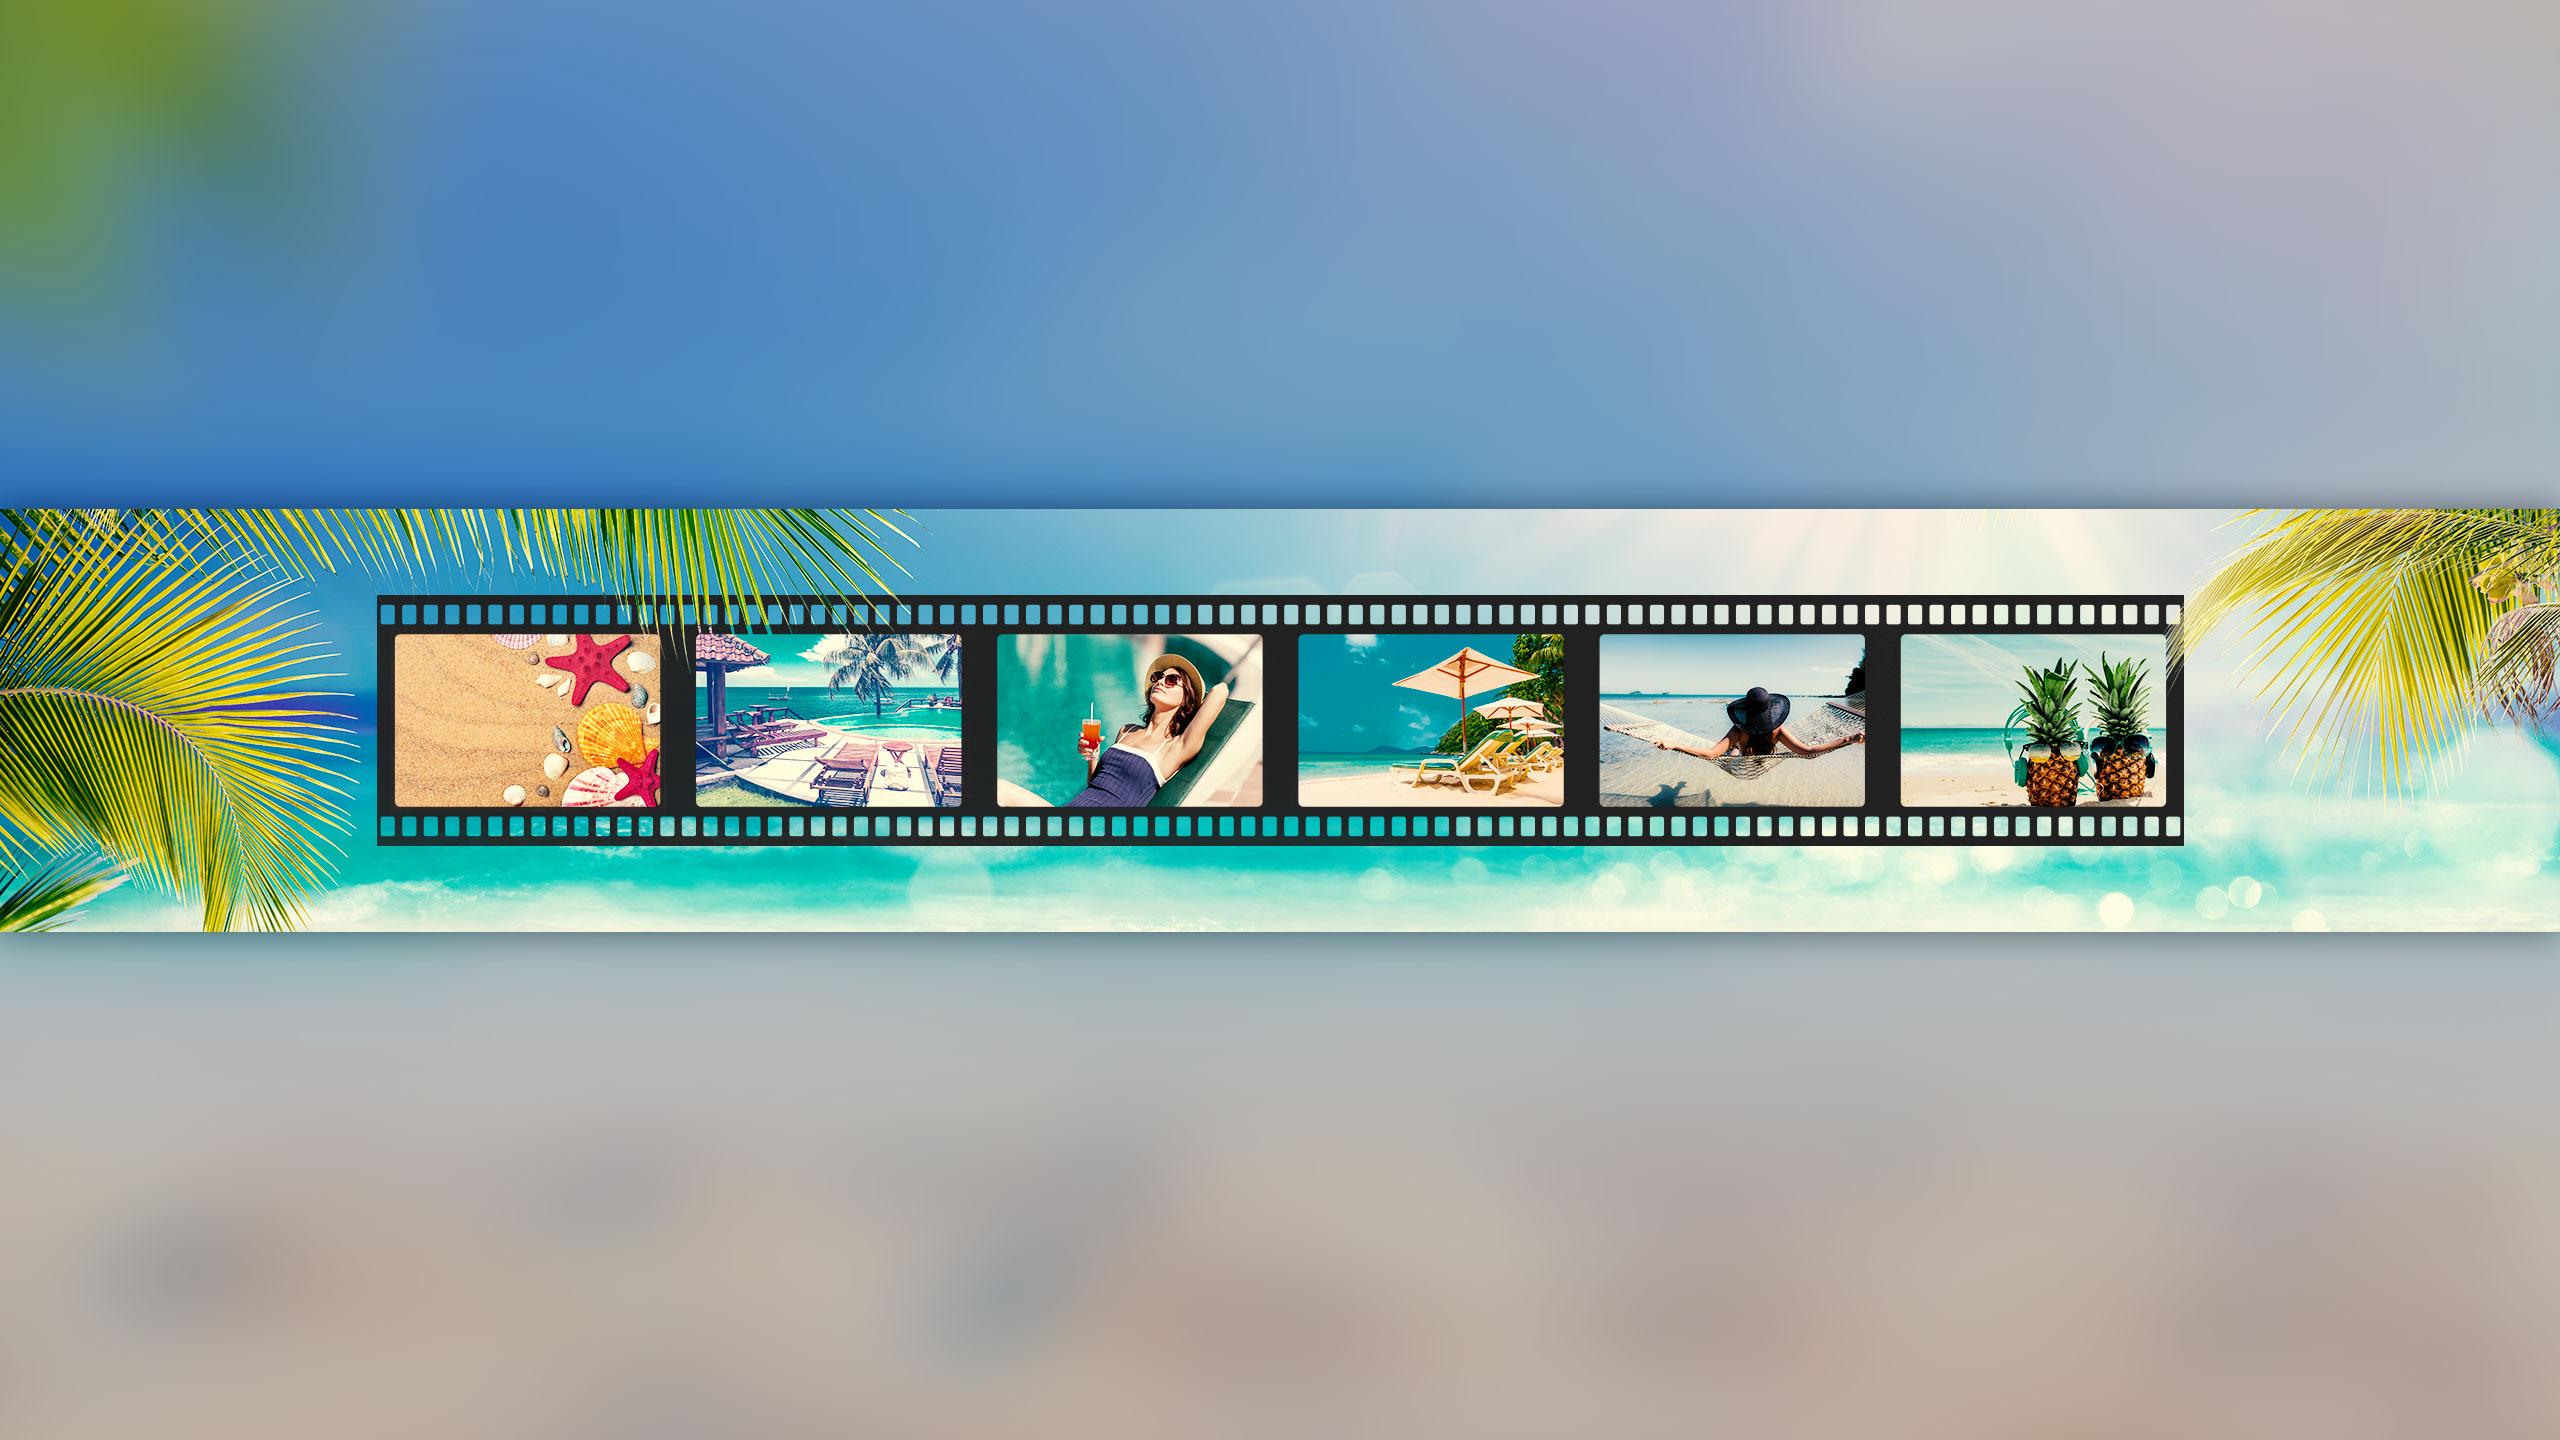 Прямоугольное фото 2560 х 1440 для оформления ютуба бирюзового цвета с кадрами фотоплёнки на фоне моря и пальм